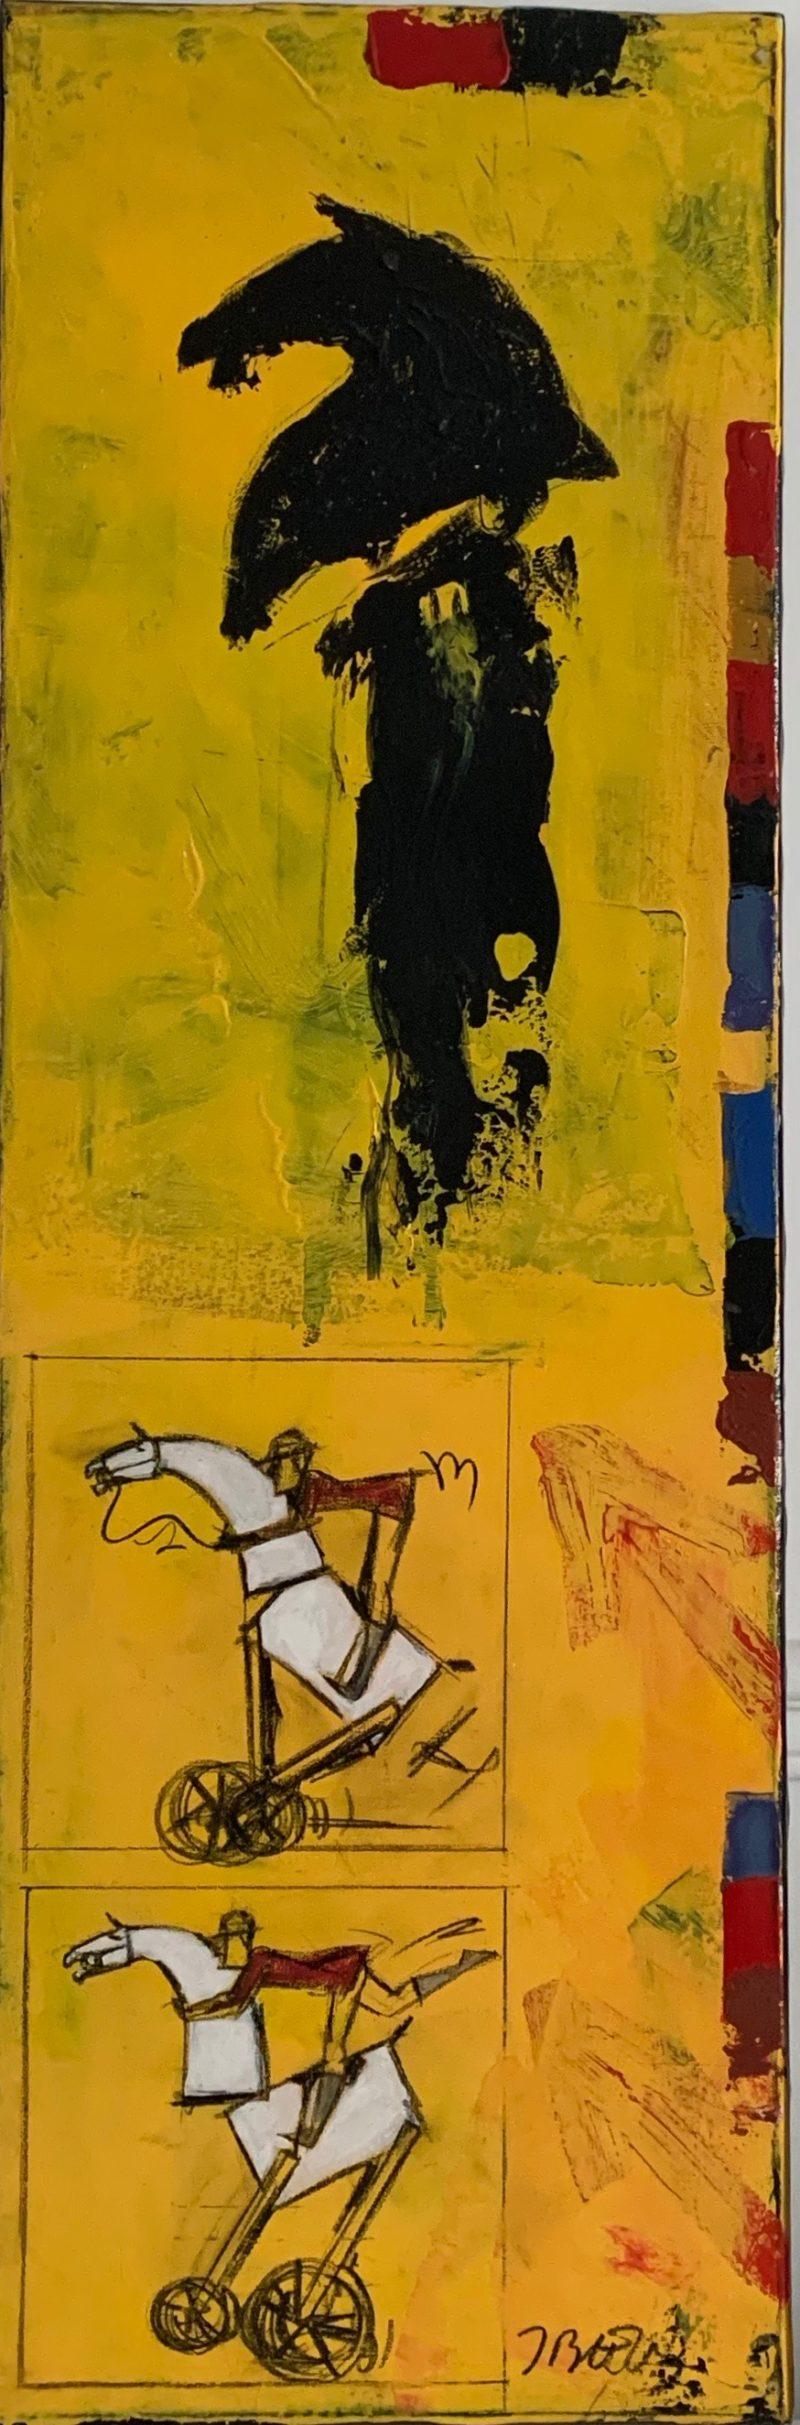 Jacques Blézot - Bande dessinée - 90 x 30 cm